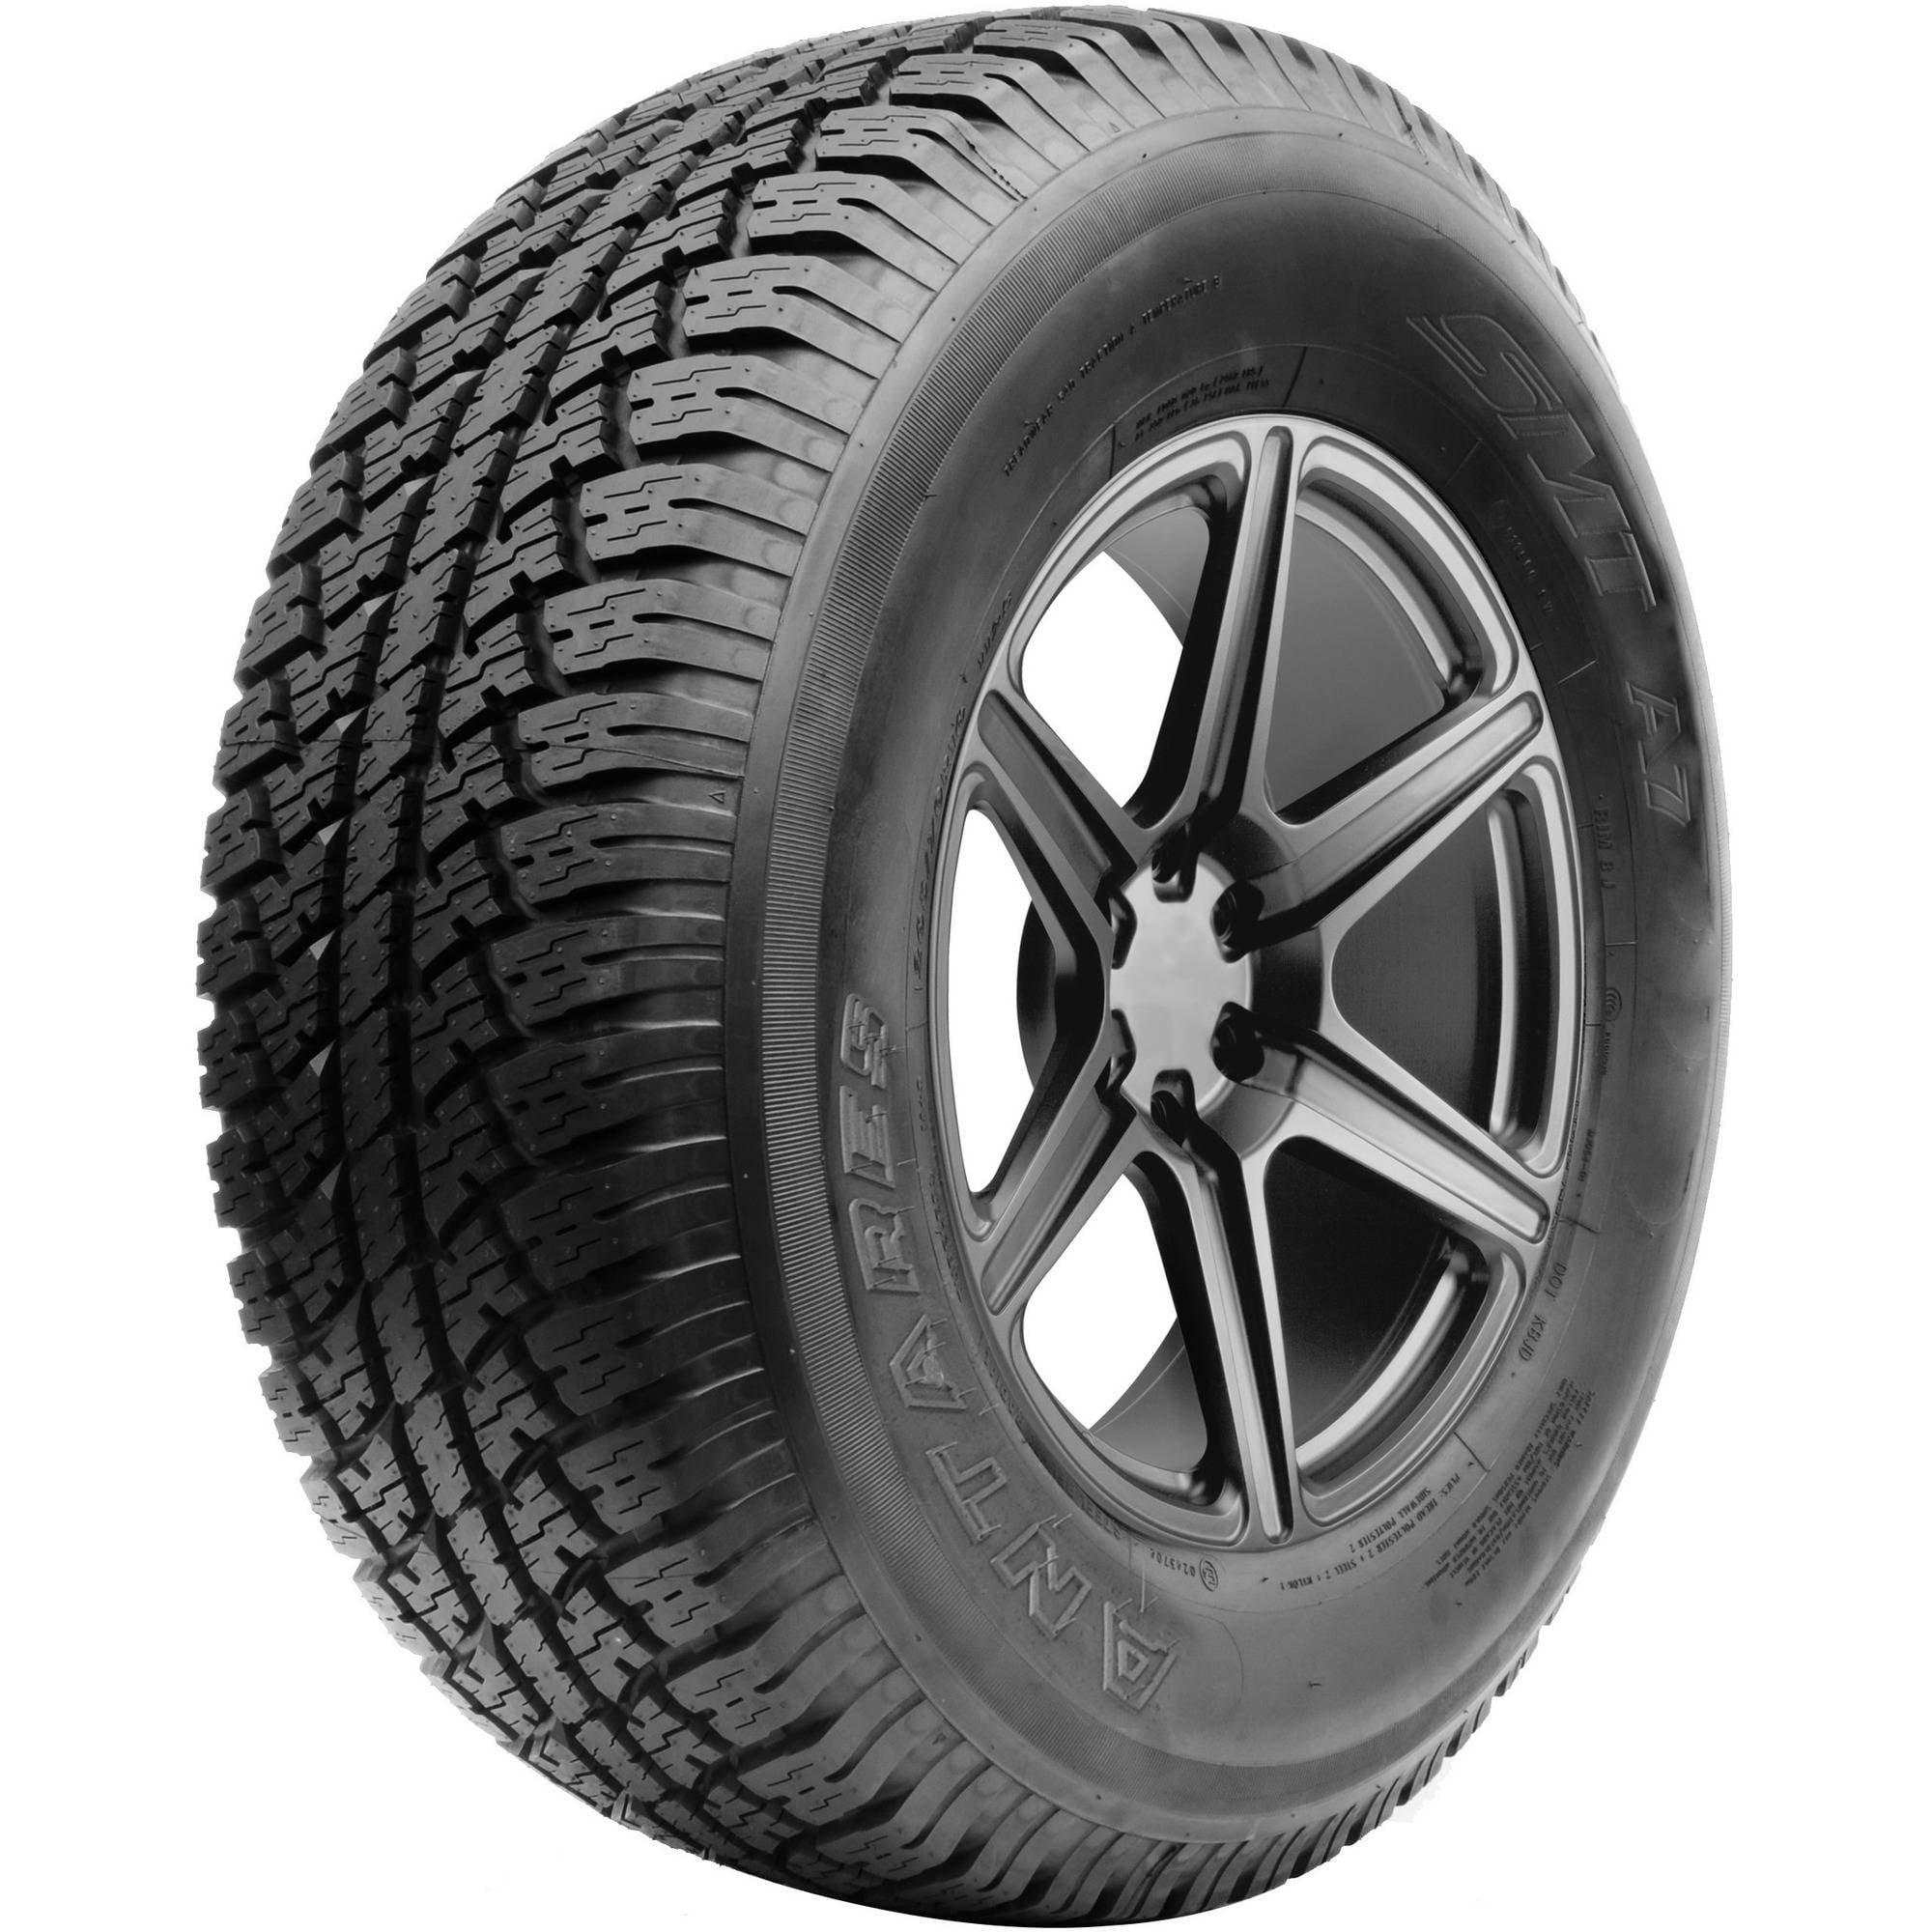 Falken Wildpeak H T 255 70r16 109s Tire Walmart Com